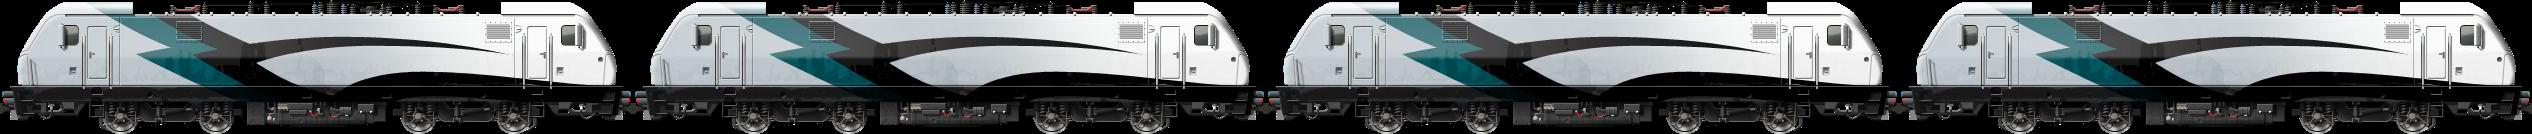 ACS64 Gridiron Quad